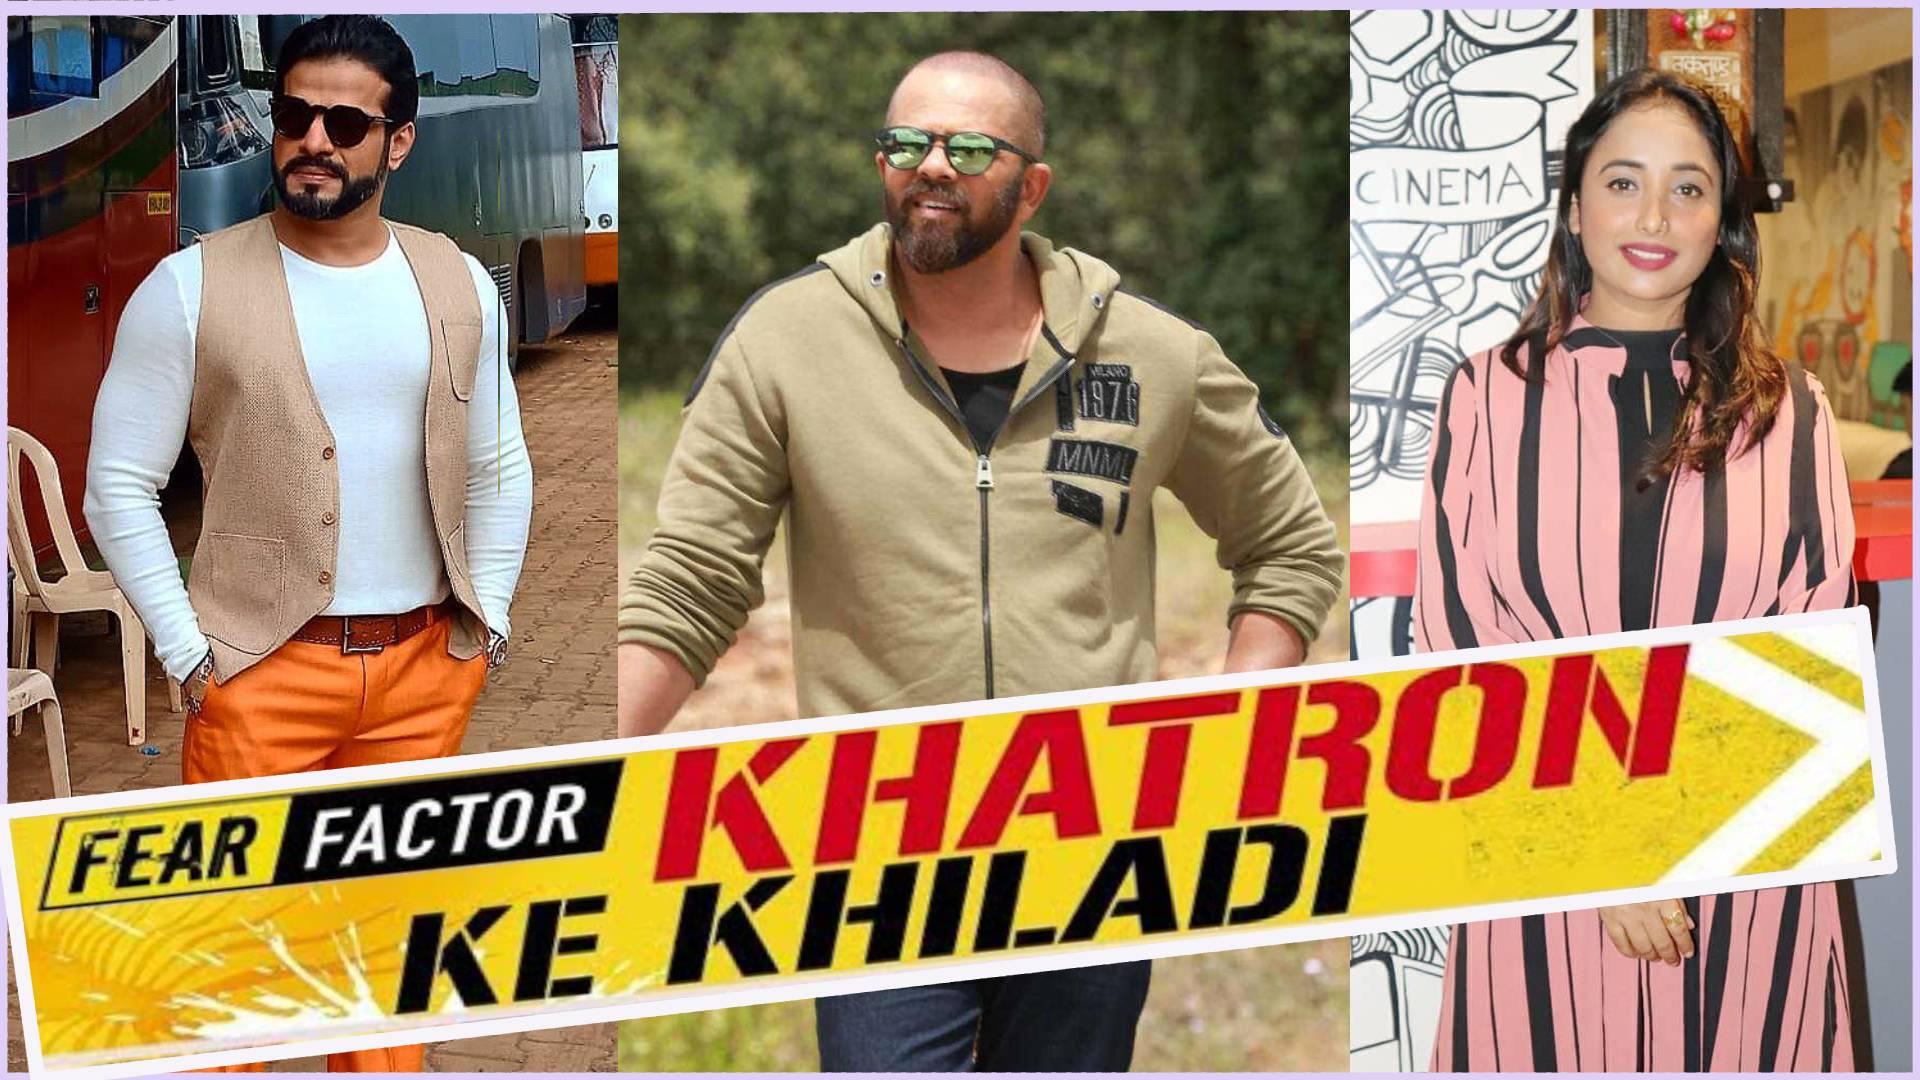 Khatron Ke Khiladi 10: इन कन्टेस्टेंट के नाम आए सामने, टीवी से लेकर भोजपुरी इंडस्ट्री के ये स्टार मचाएंगे धमाल